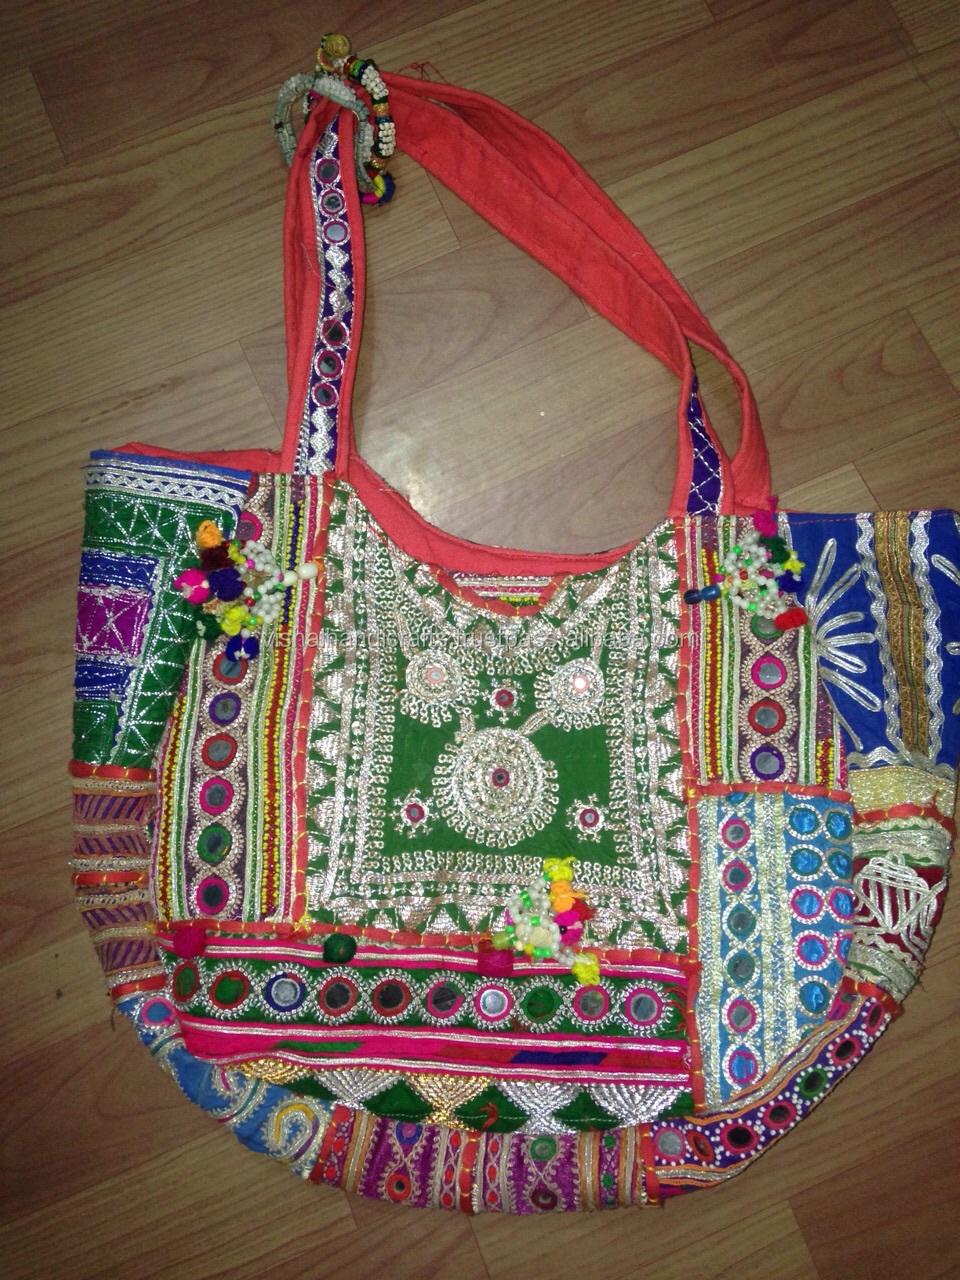 Used handbags vintage